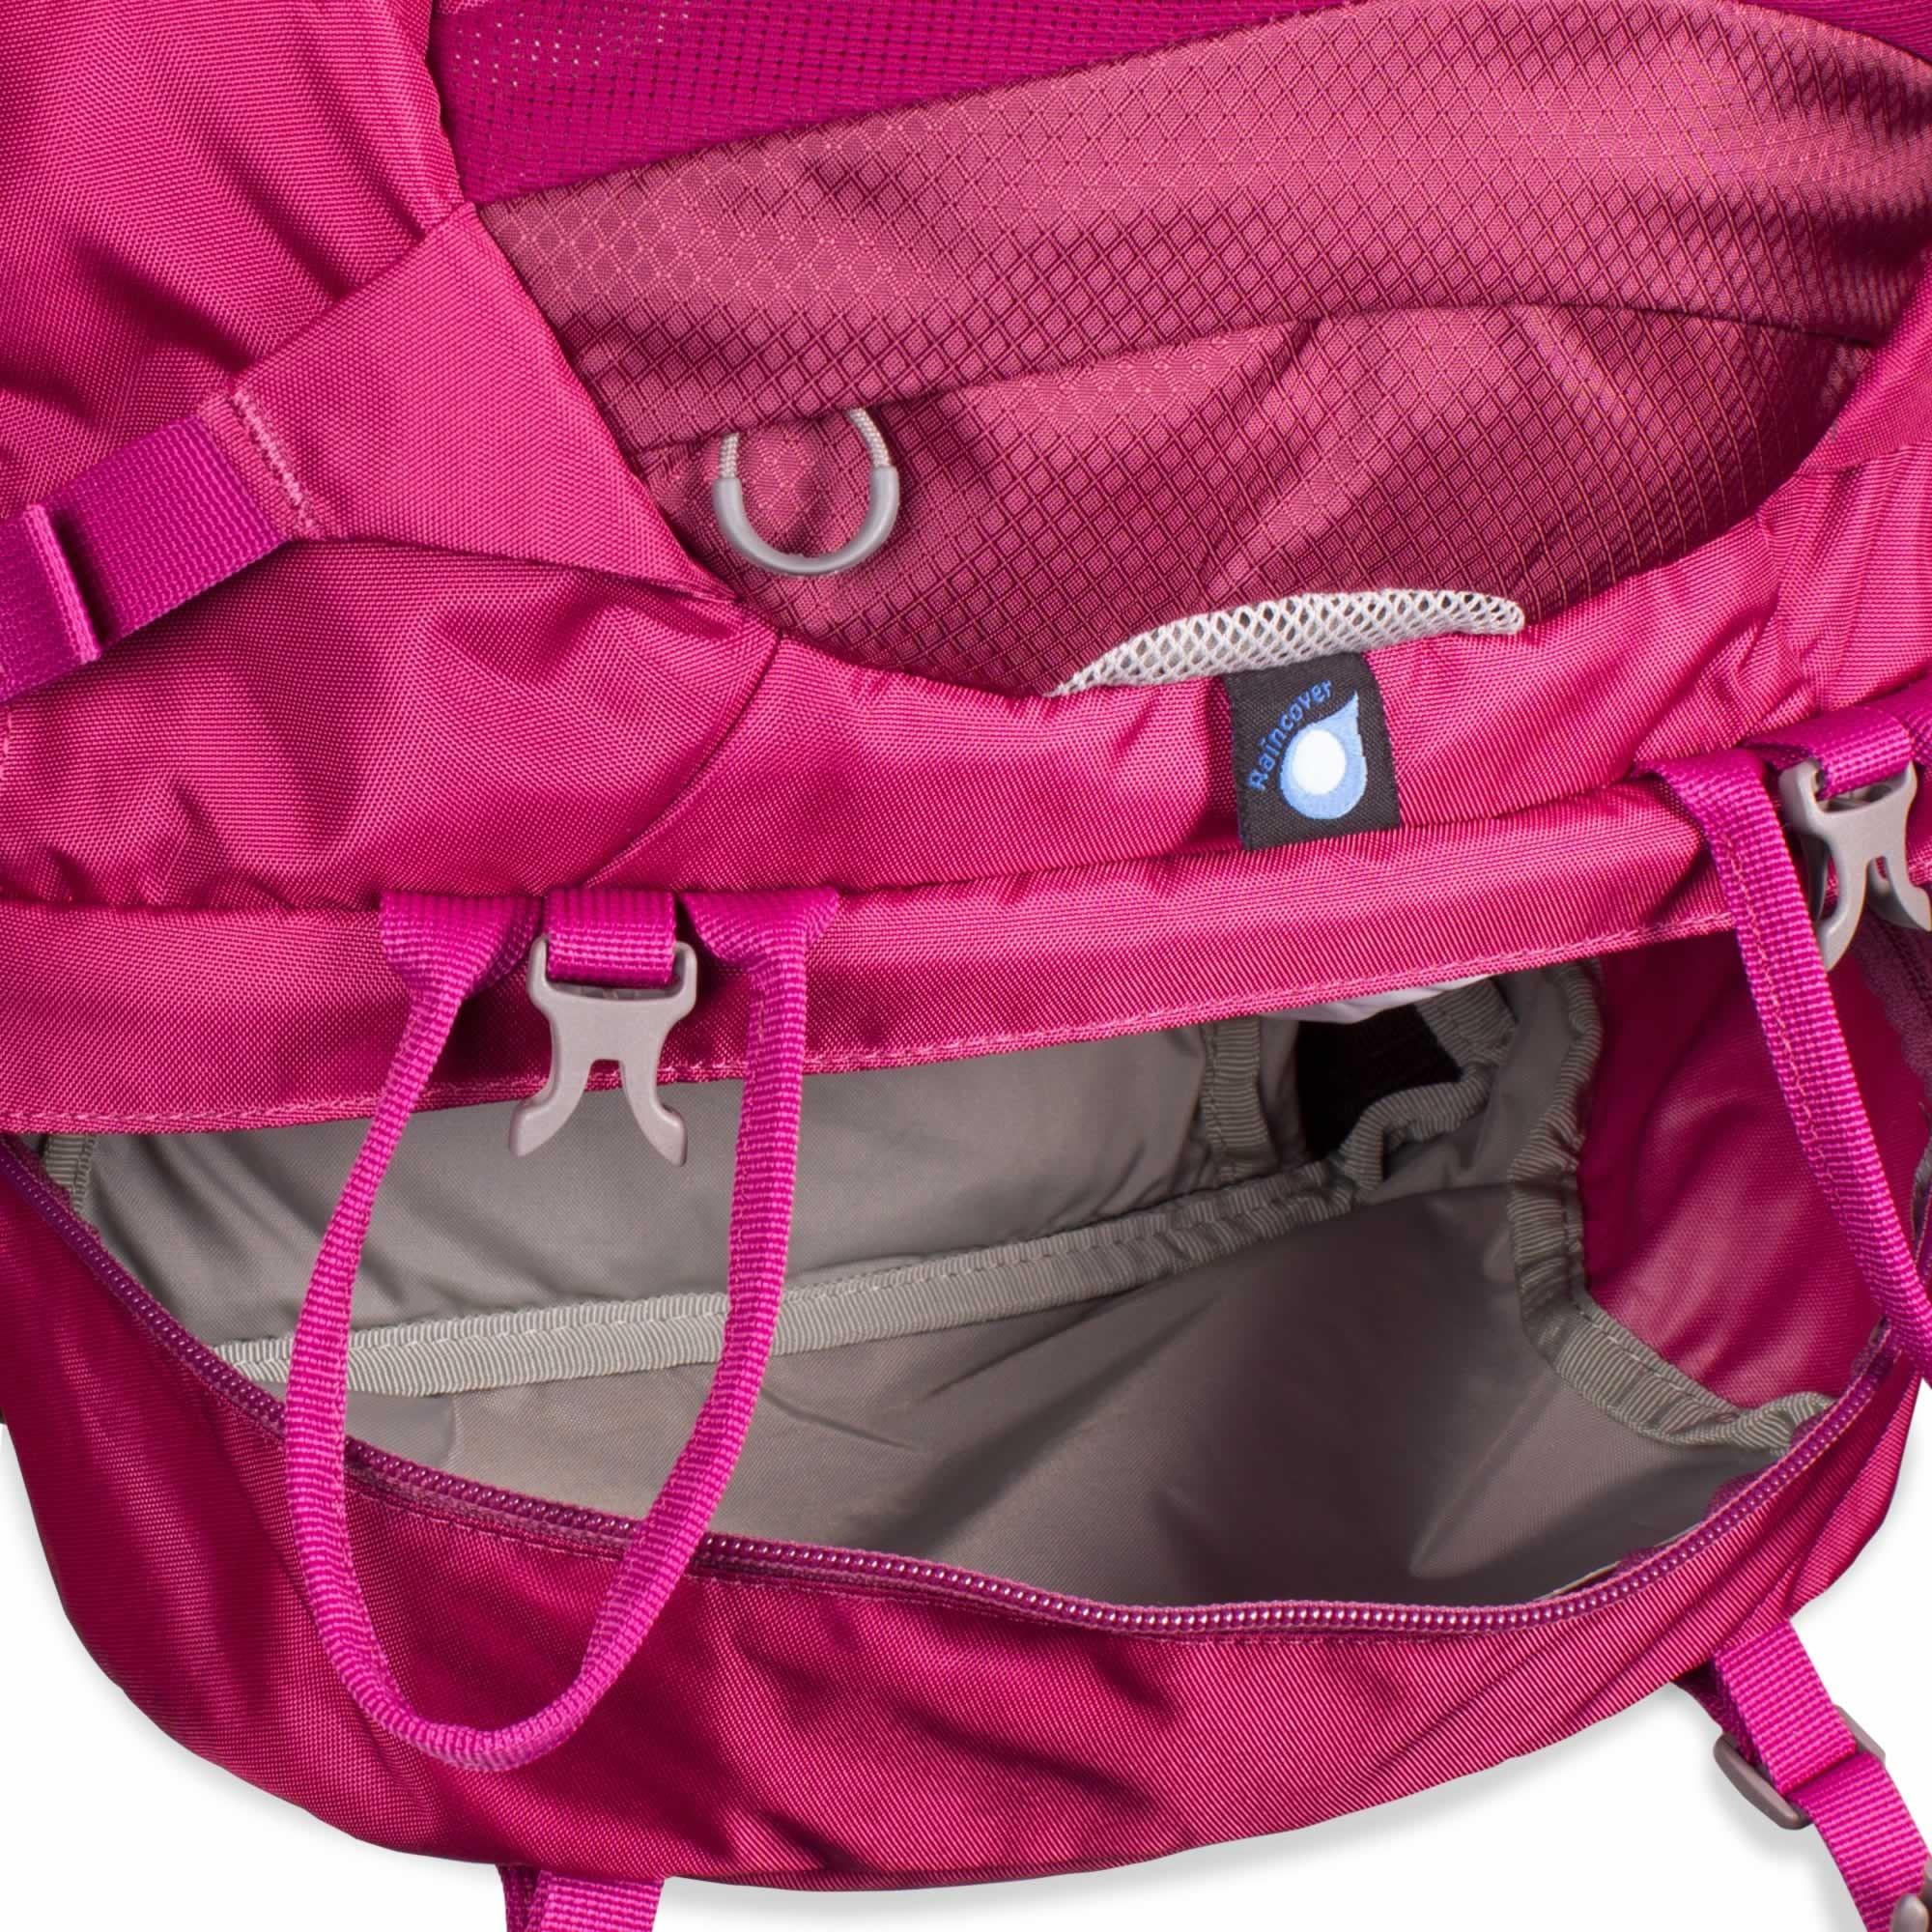 Рюкзак туристический osprey рюкзак kyte 66 rose red купить прозрачный рюкзак ебей